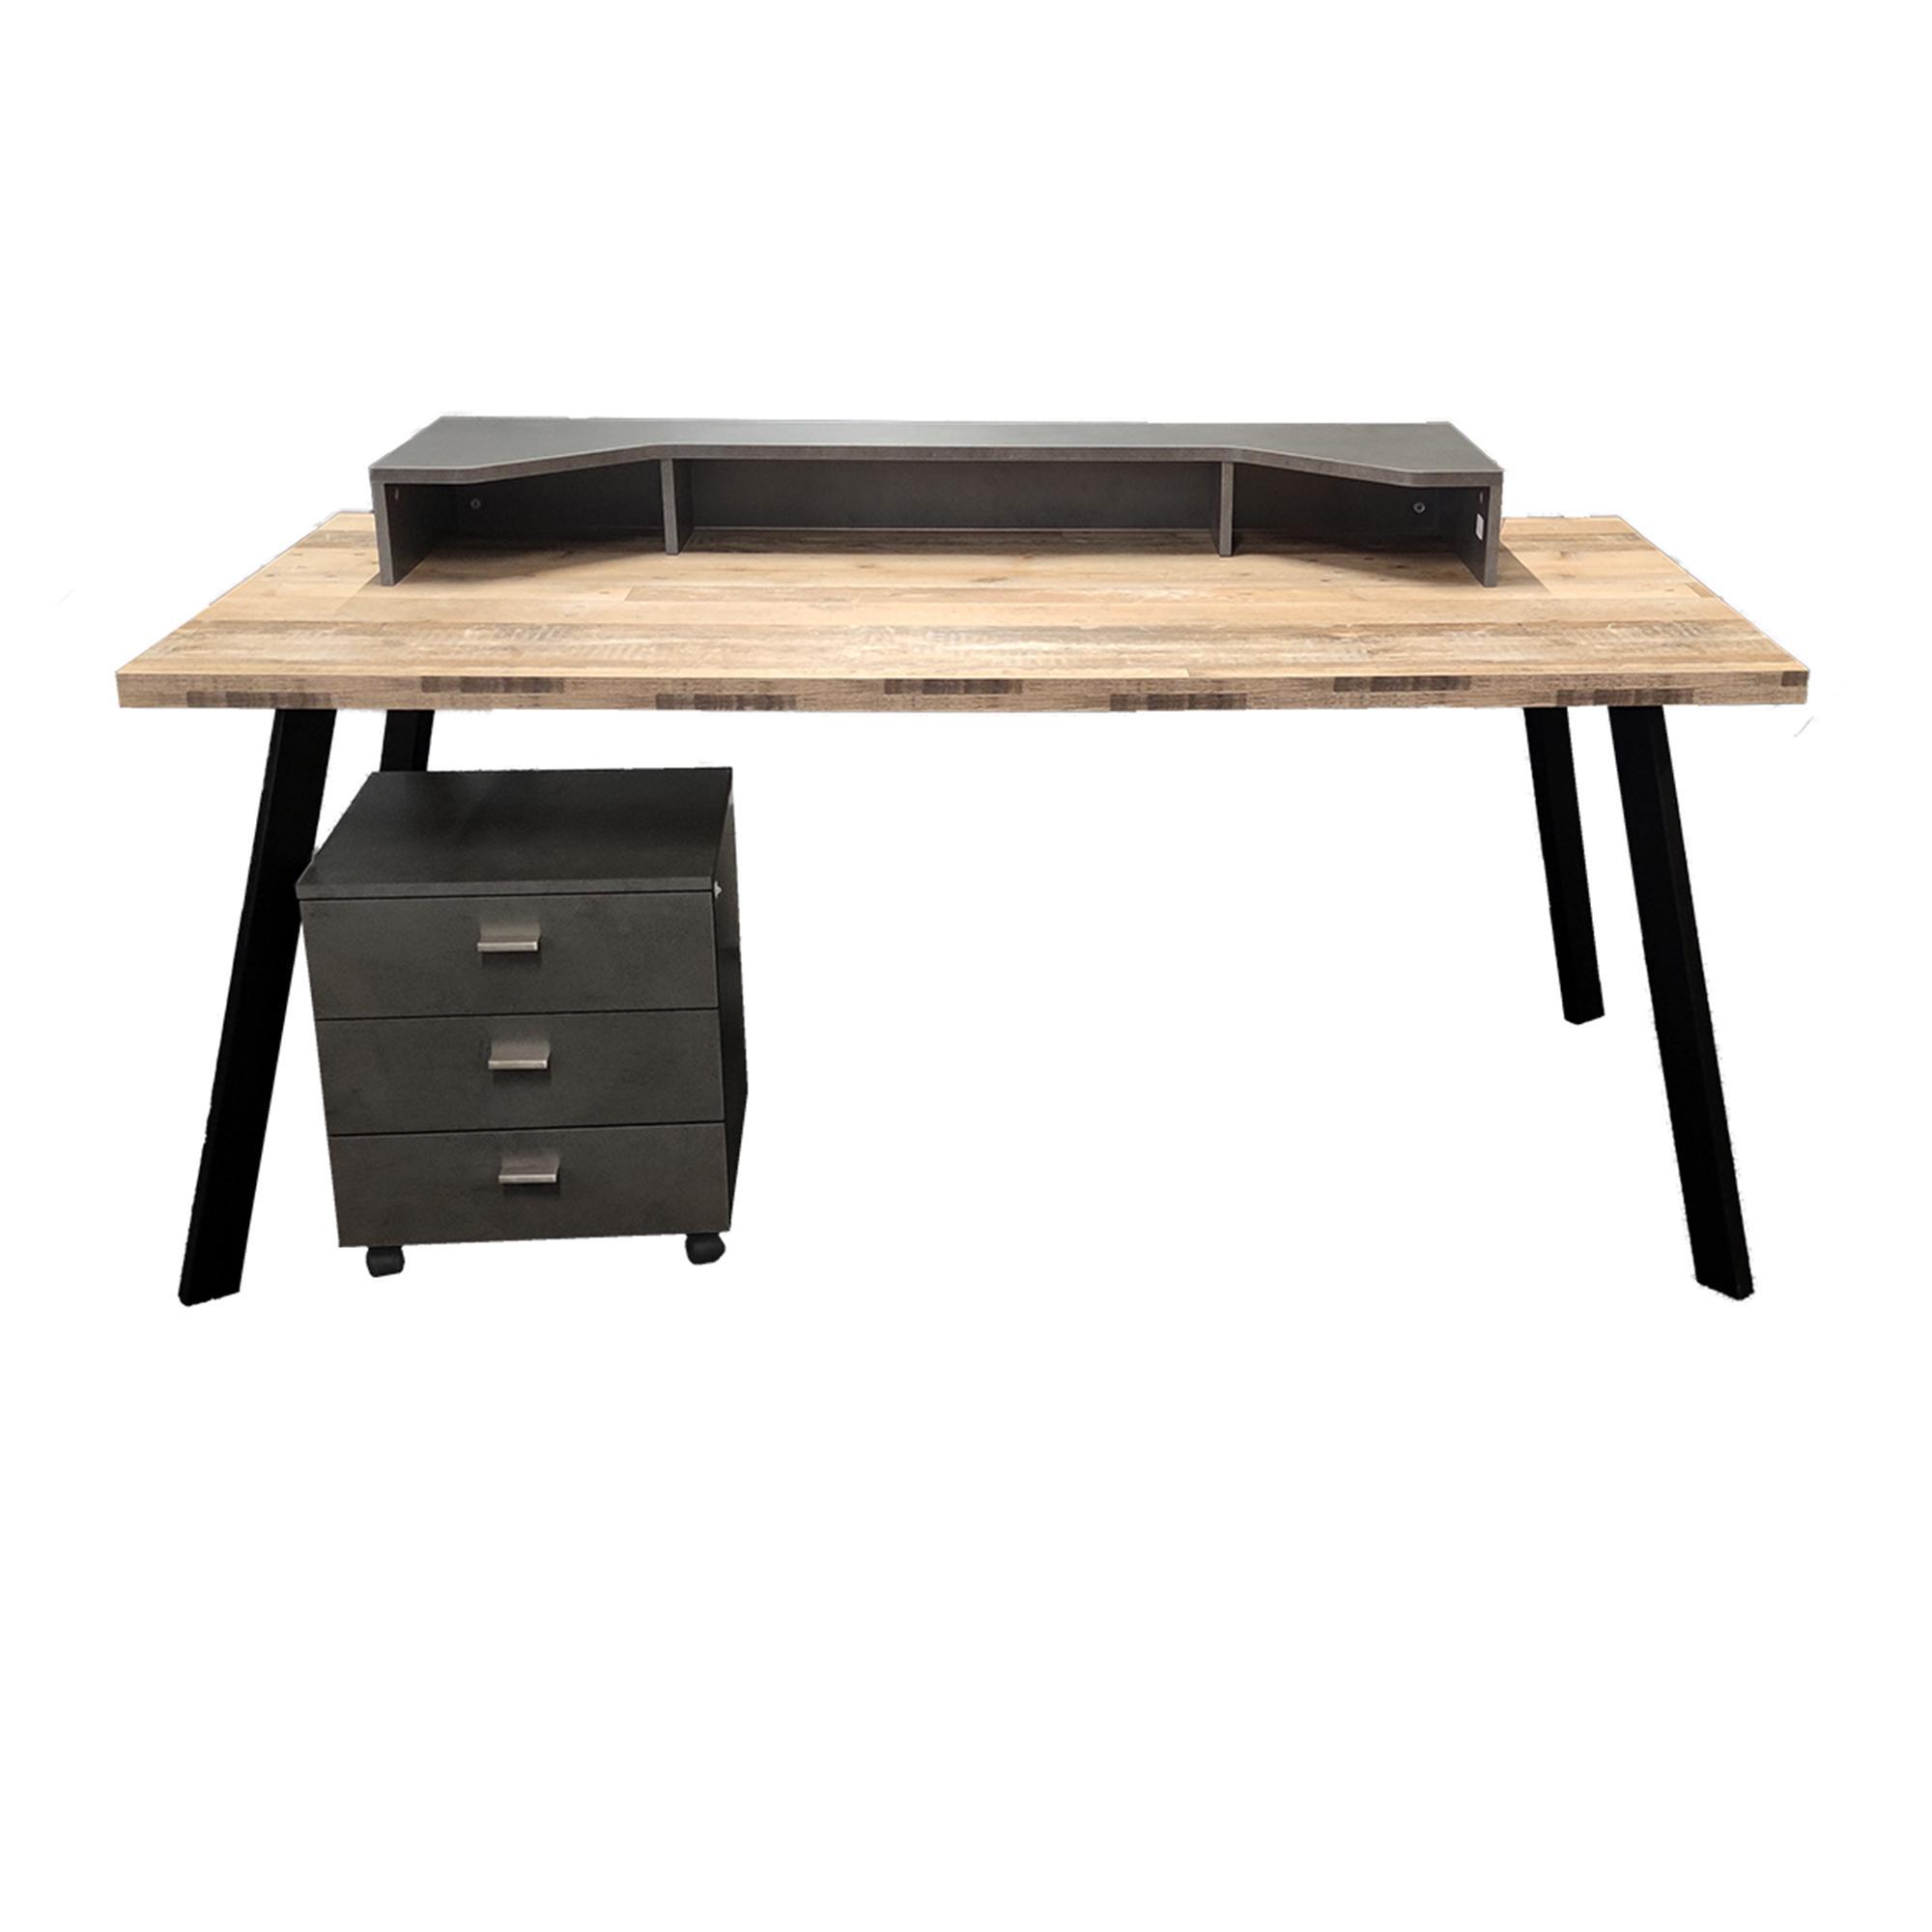 THE BIG SYSTEM OFFICE Tisch